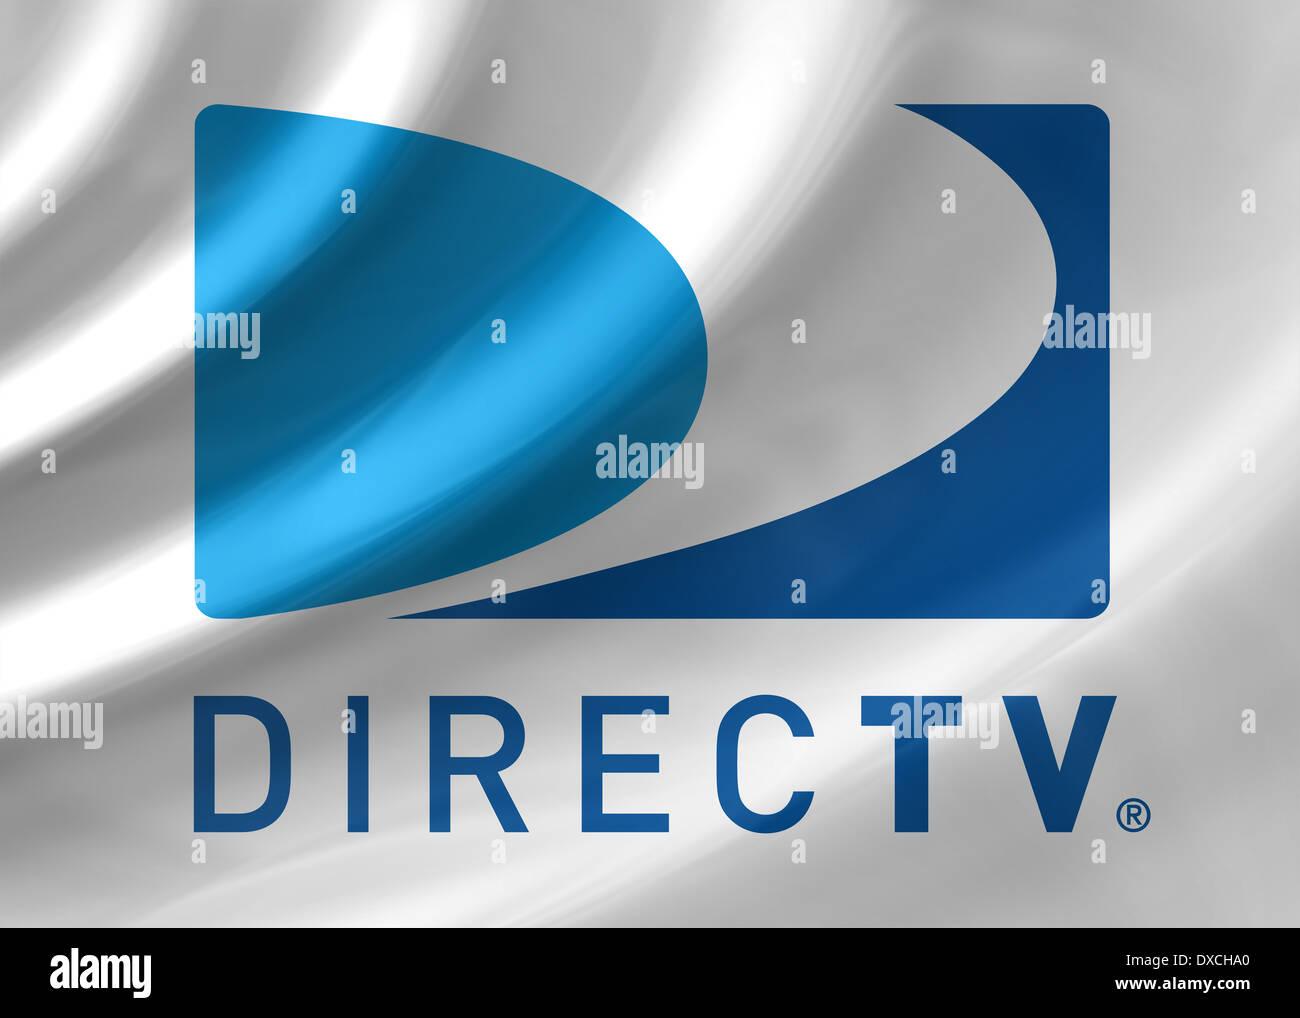 Direct TV logo symbol icon flag emblem - Stock Image